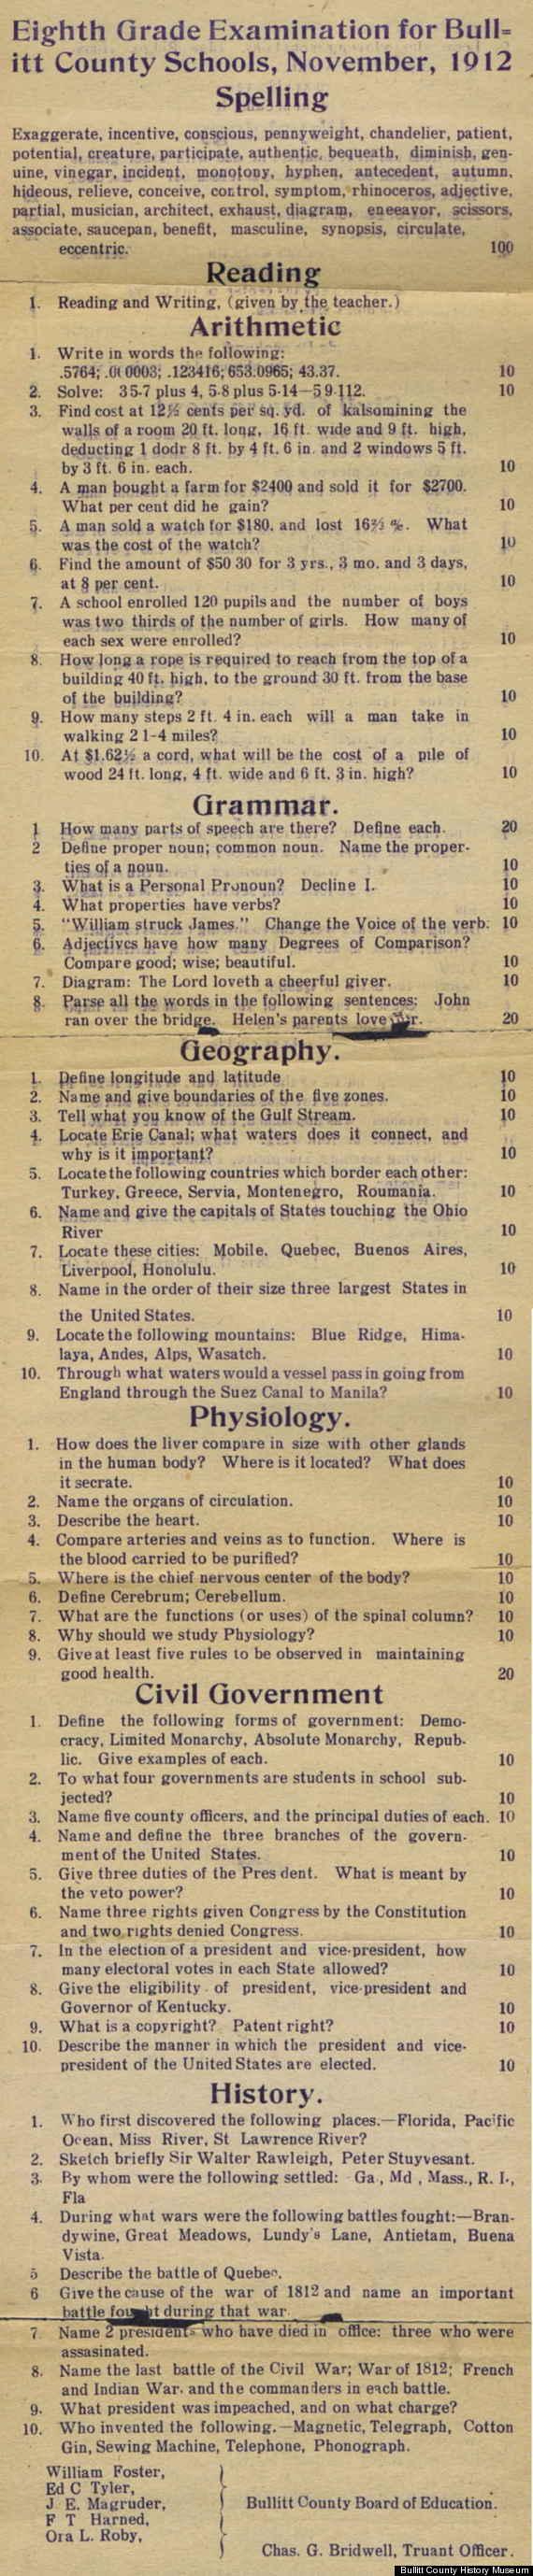 1912 8th grade exam